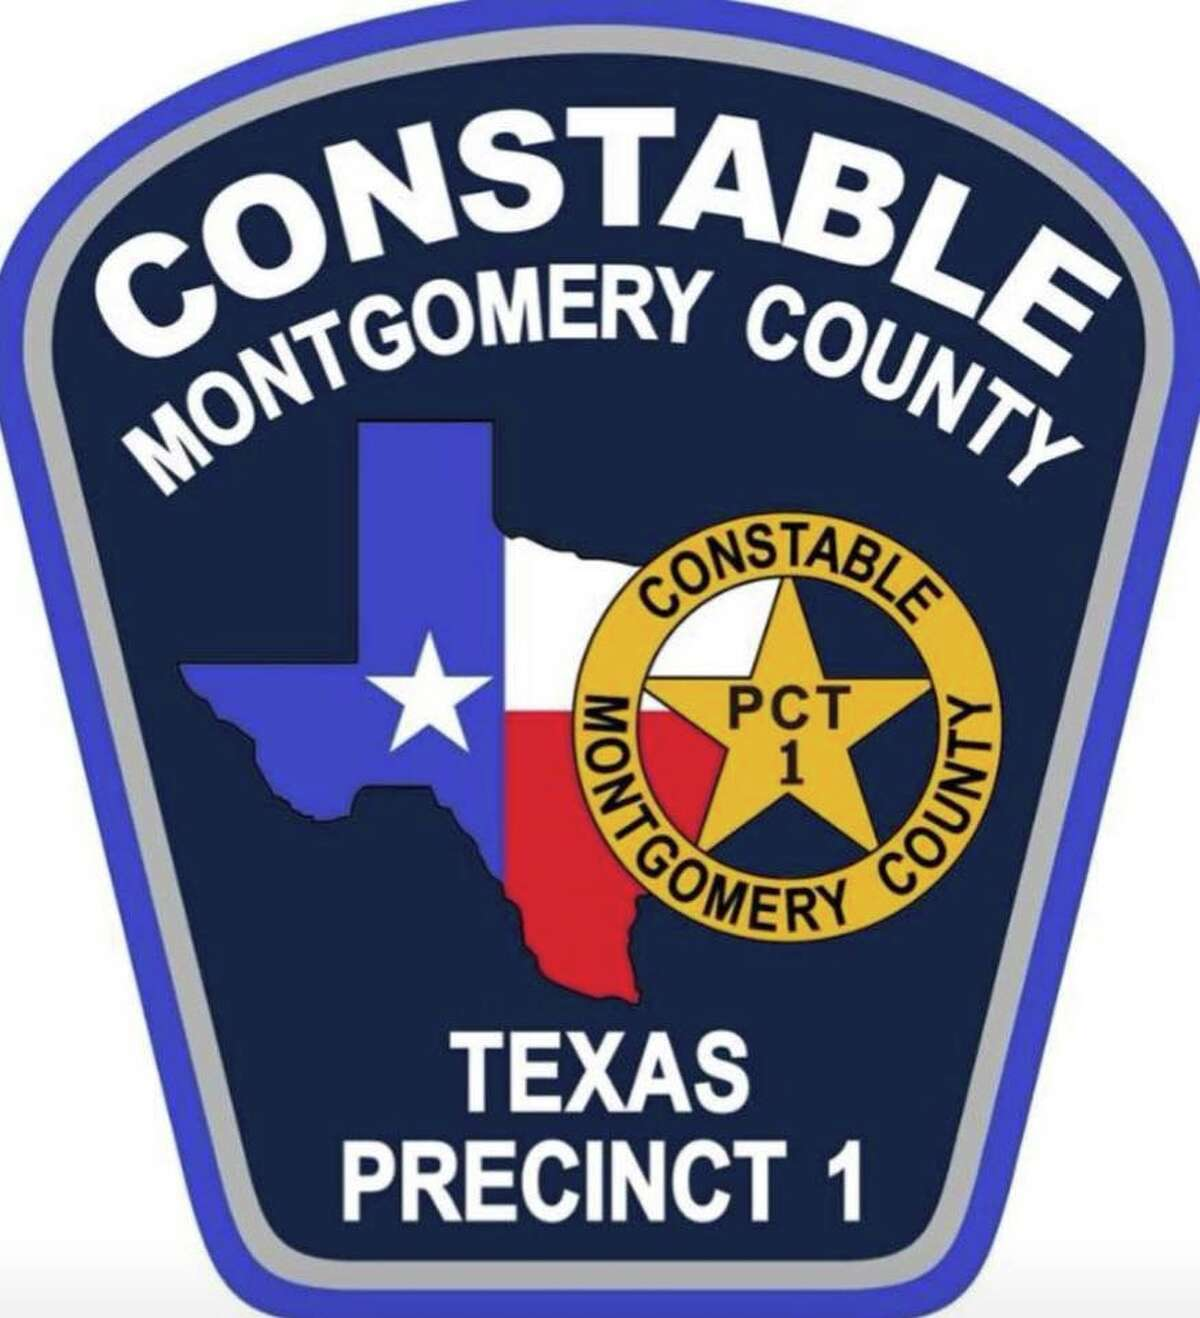 Montgomery County Precinct 1 Constable